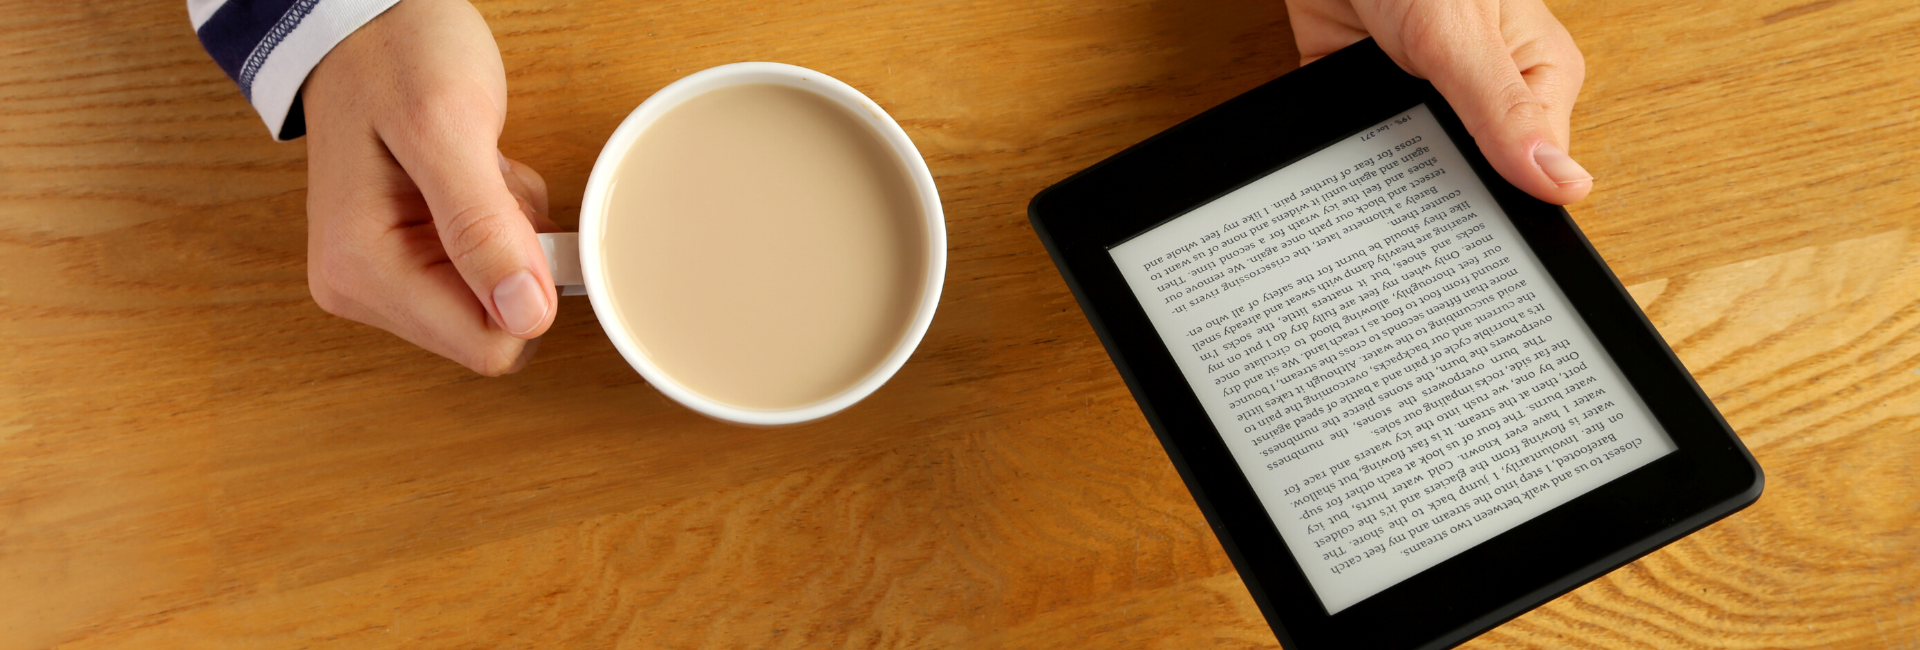 Onde ler livros online grátis? 10 apps para baixar obras